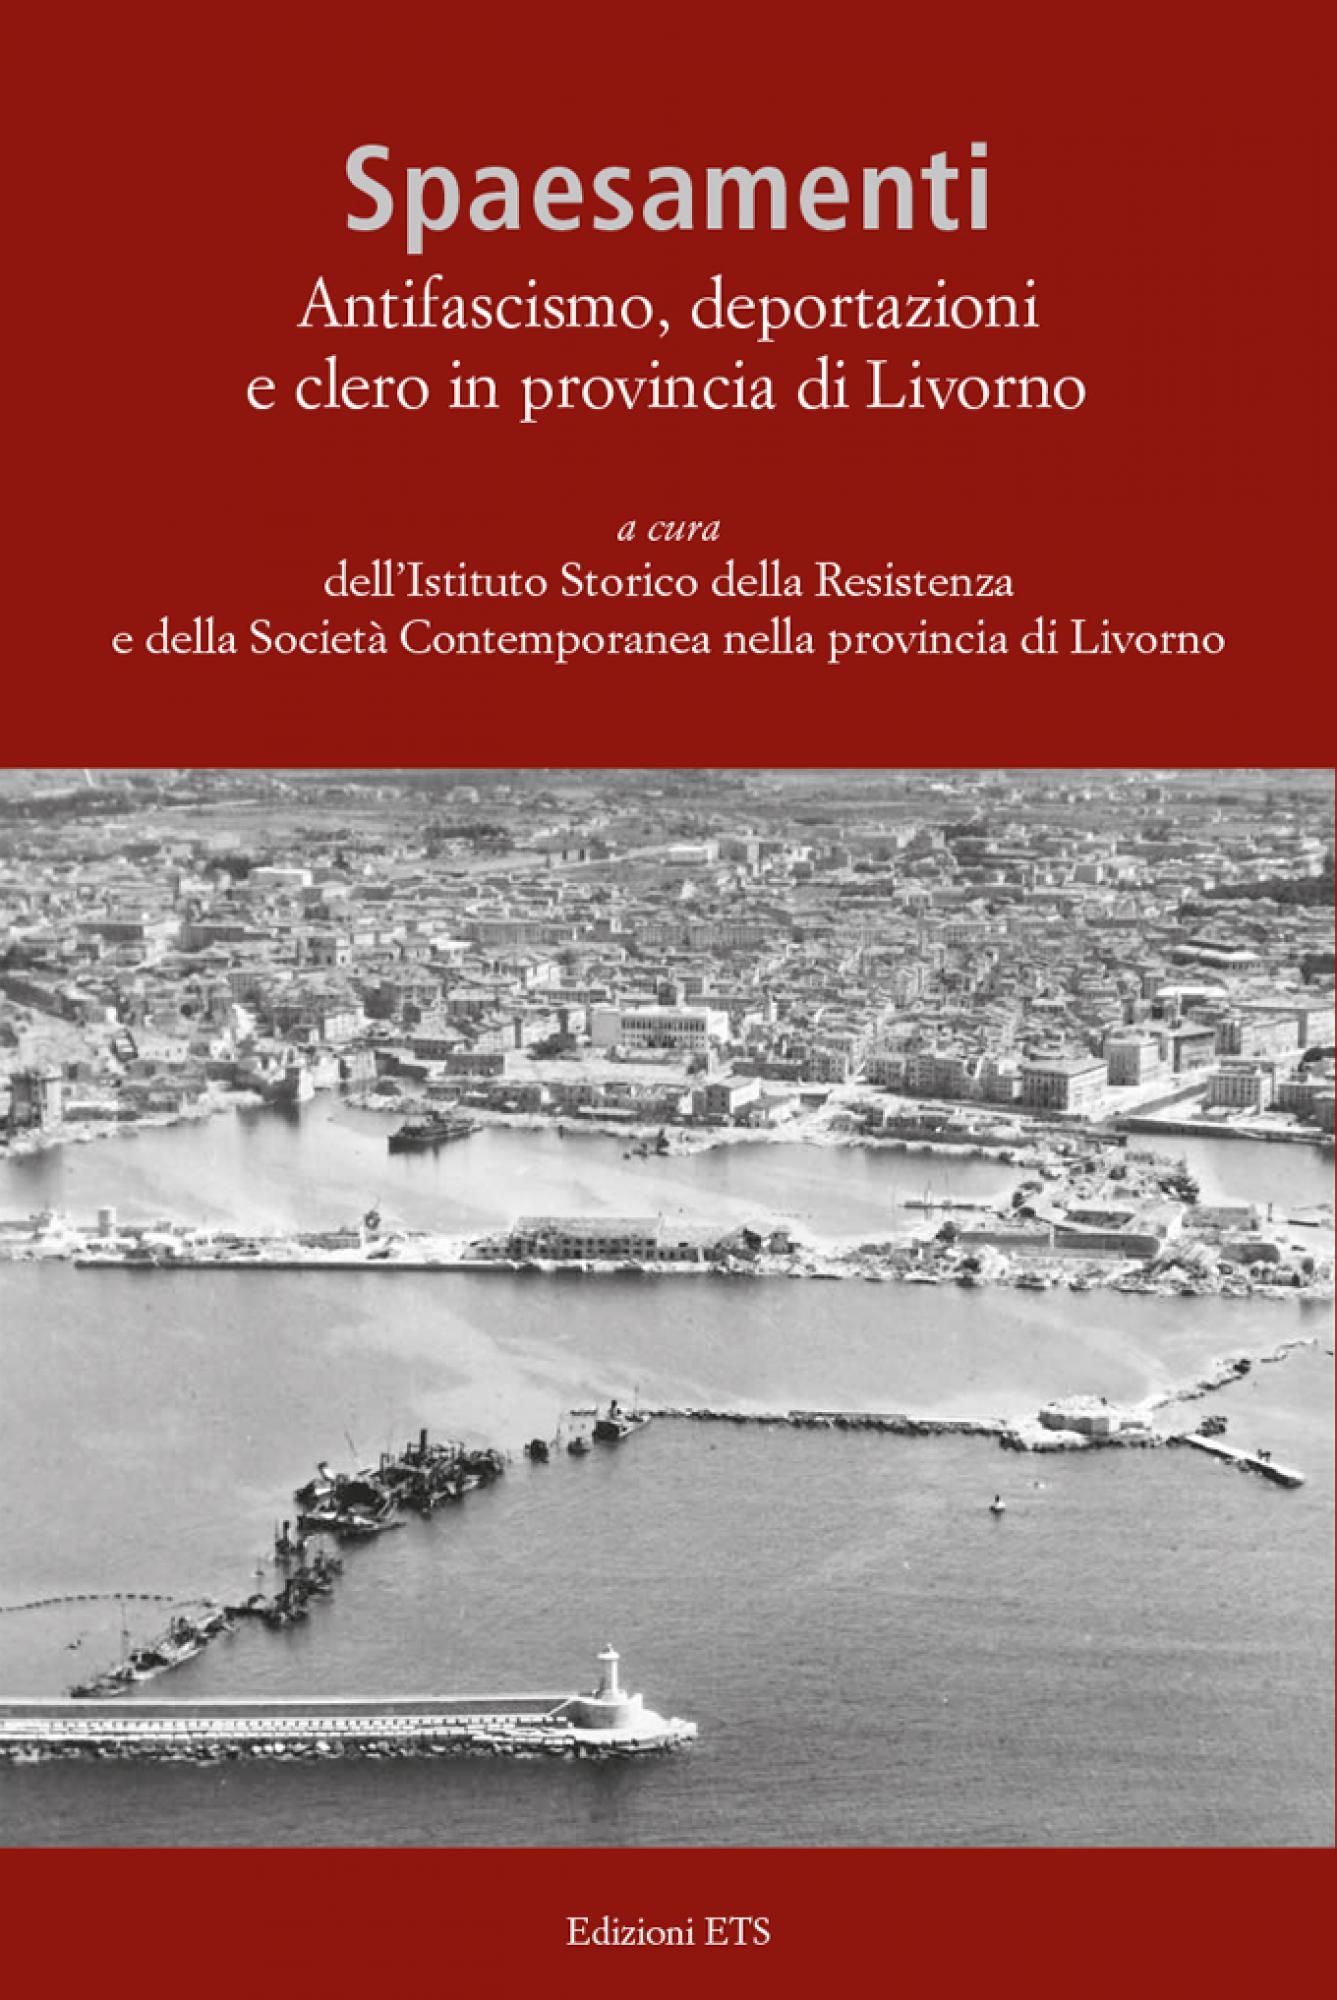 Spaesamenti.Antifascismo, deportazioni e clero in provincia di Livorno